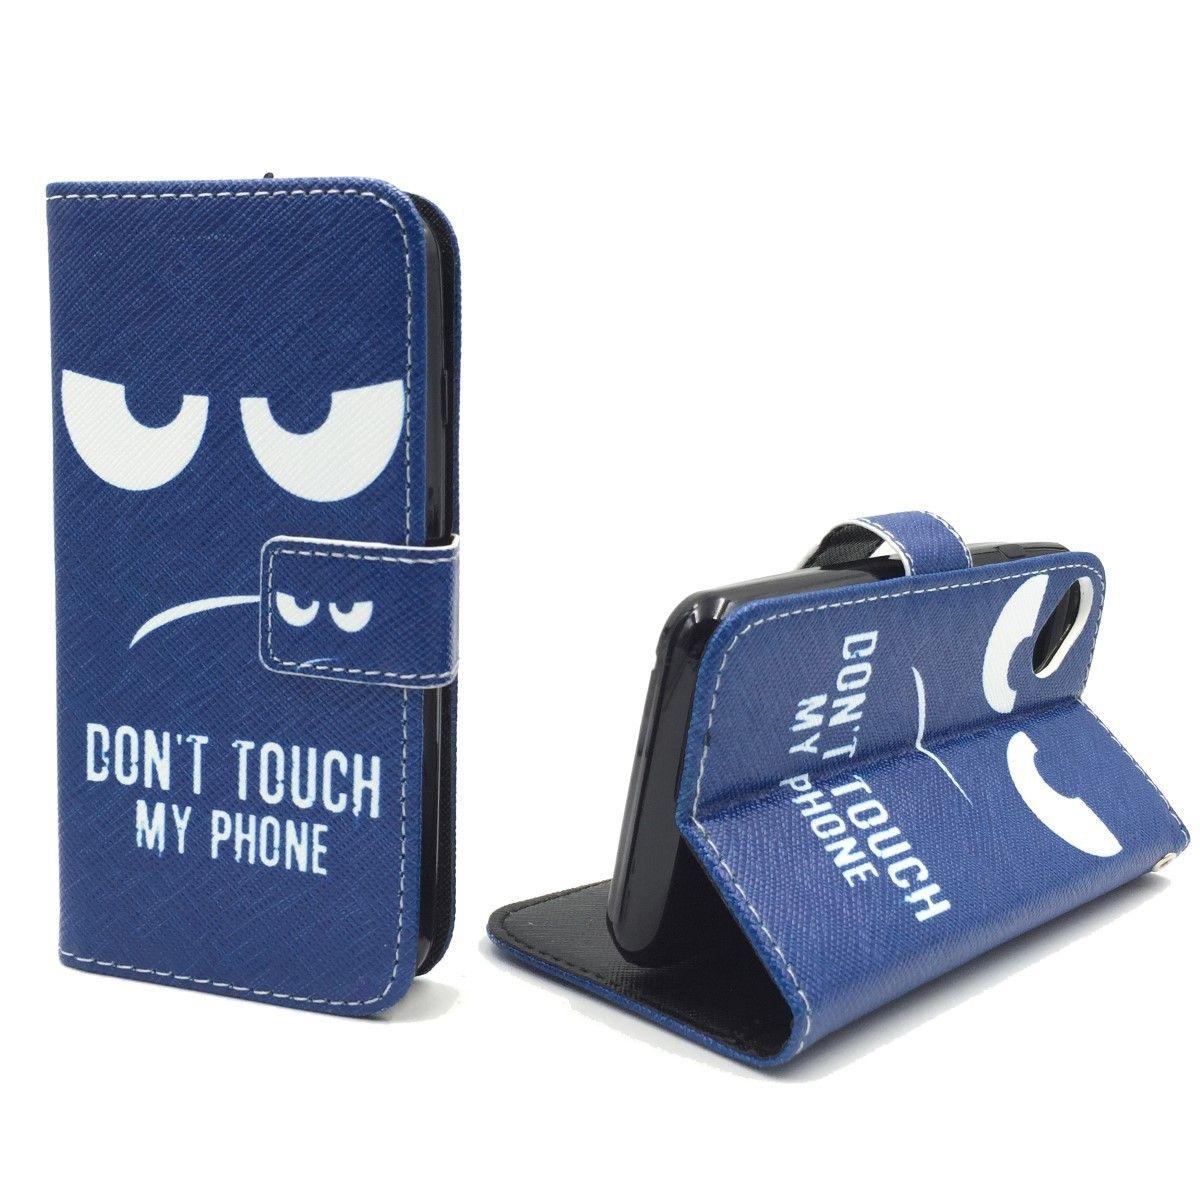 Handyhülle Tasche für Handy Wiko Sunset 2 Dont Touch my Phone